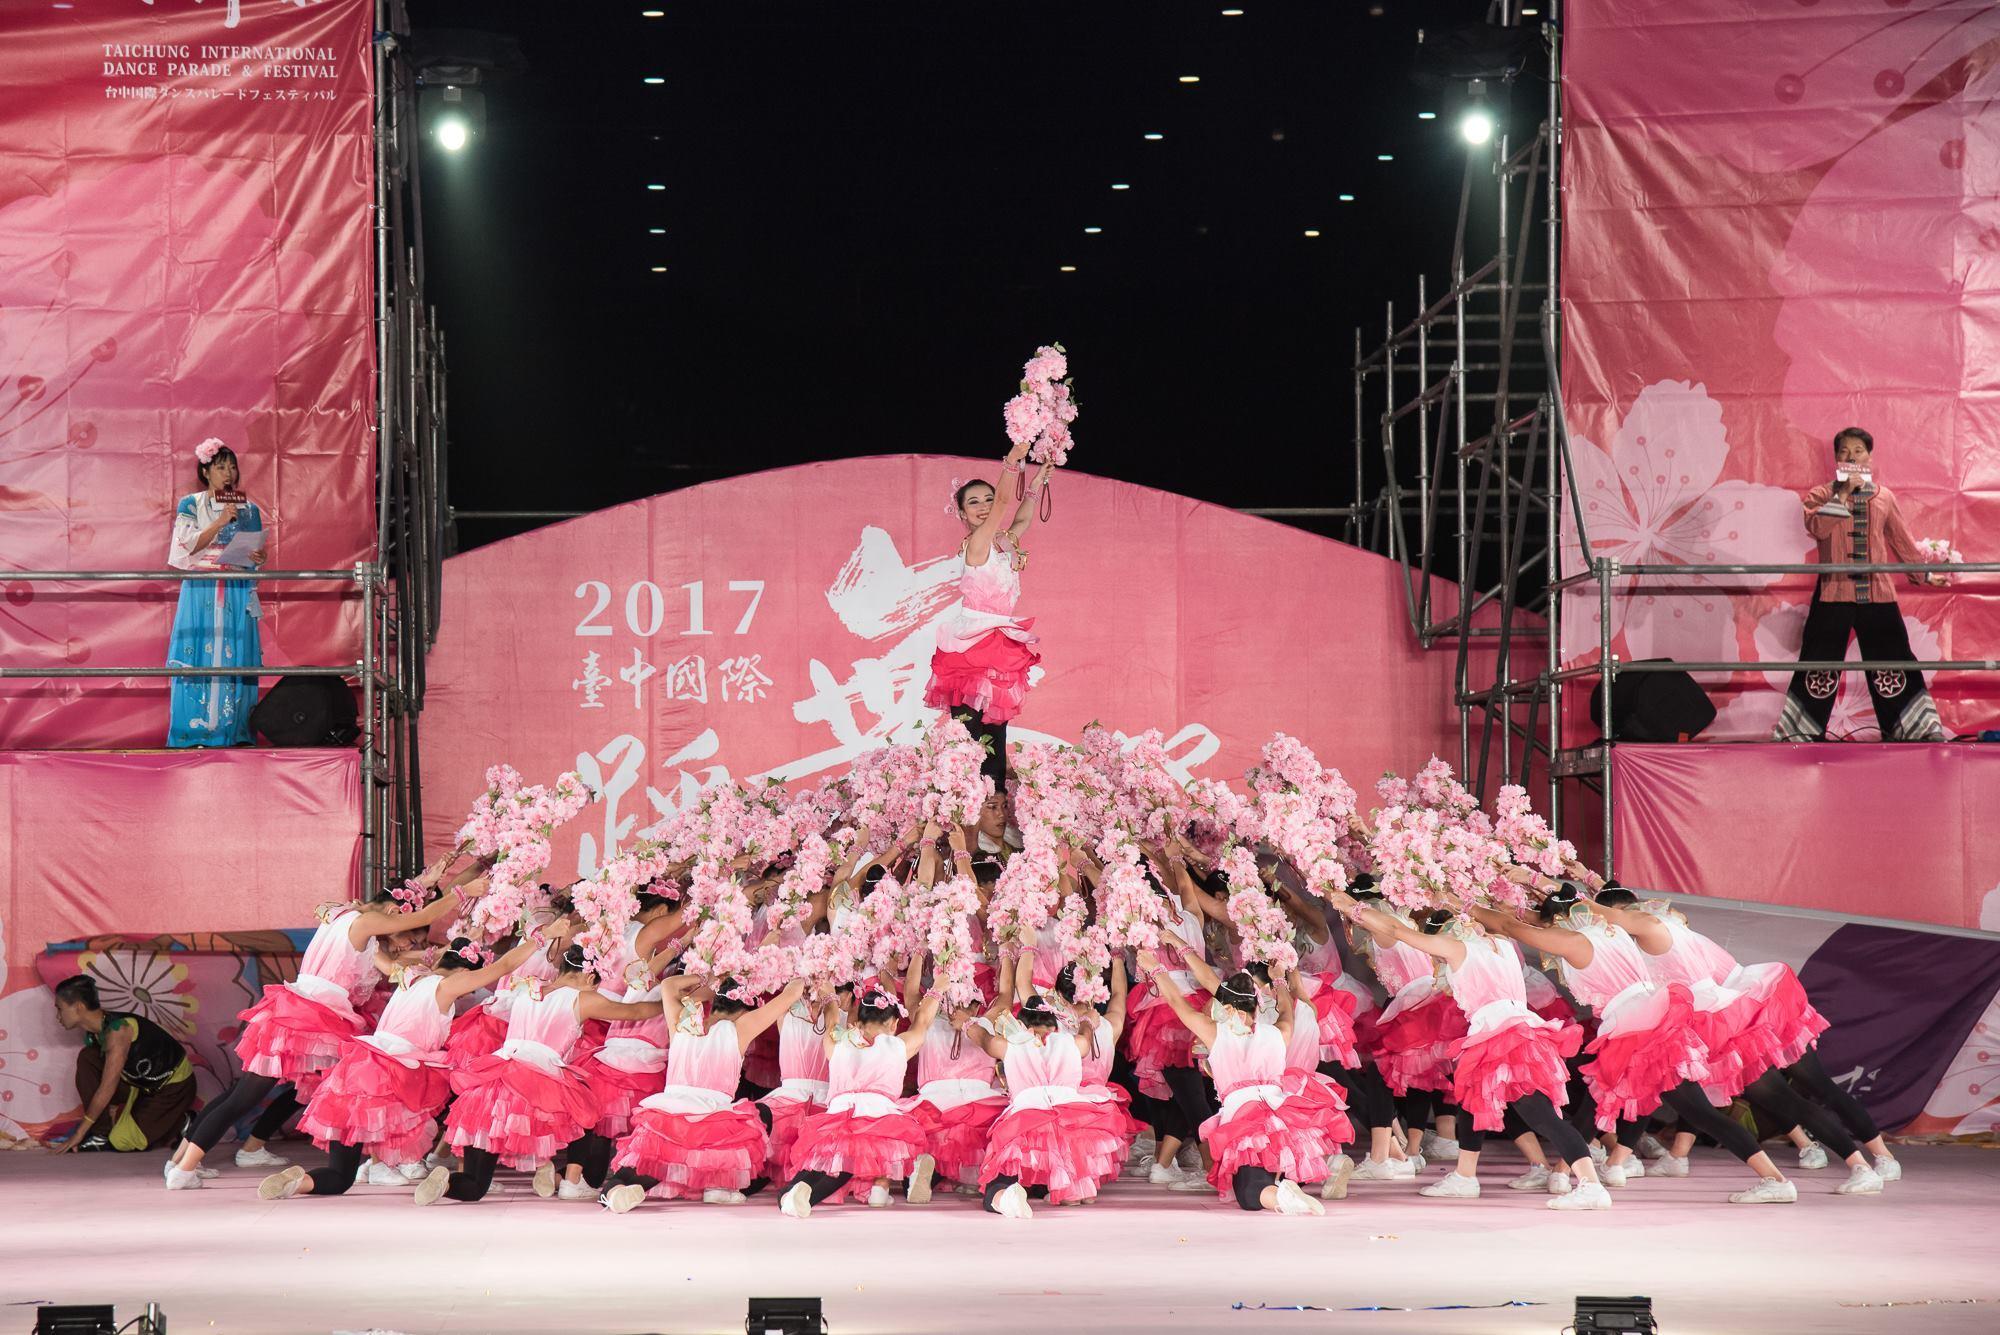 臺中國際踩舞祭 (12)